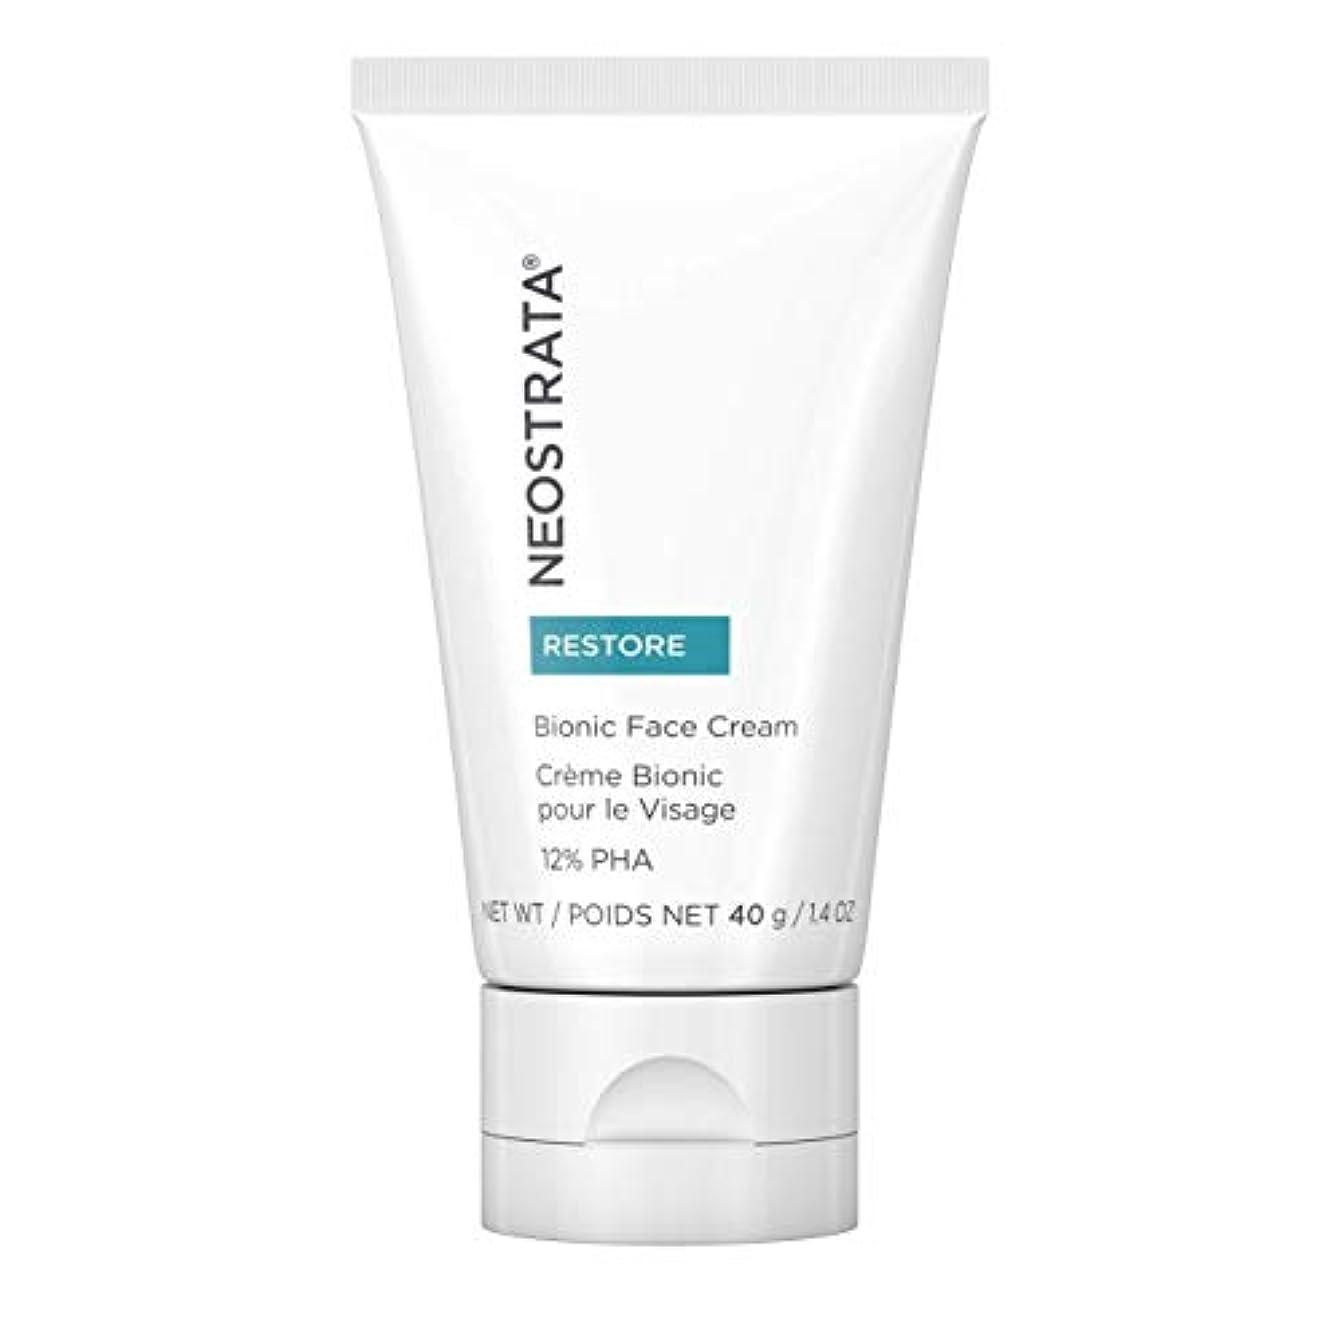 マーク直接スタジアムネオストラータ Restore - Bionic Face Cream 12% PHA 14g/1.4oz並行輸入品